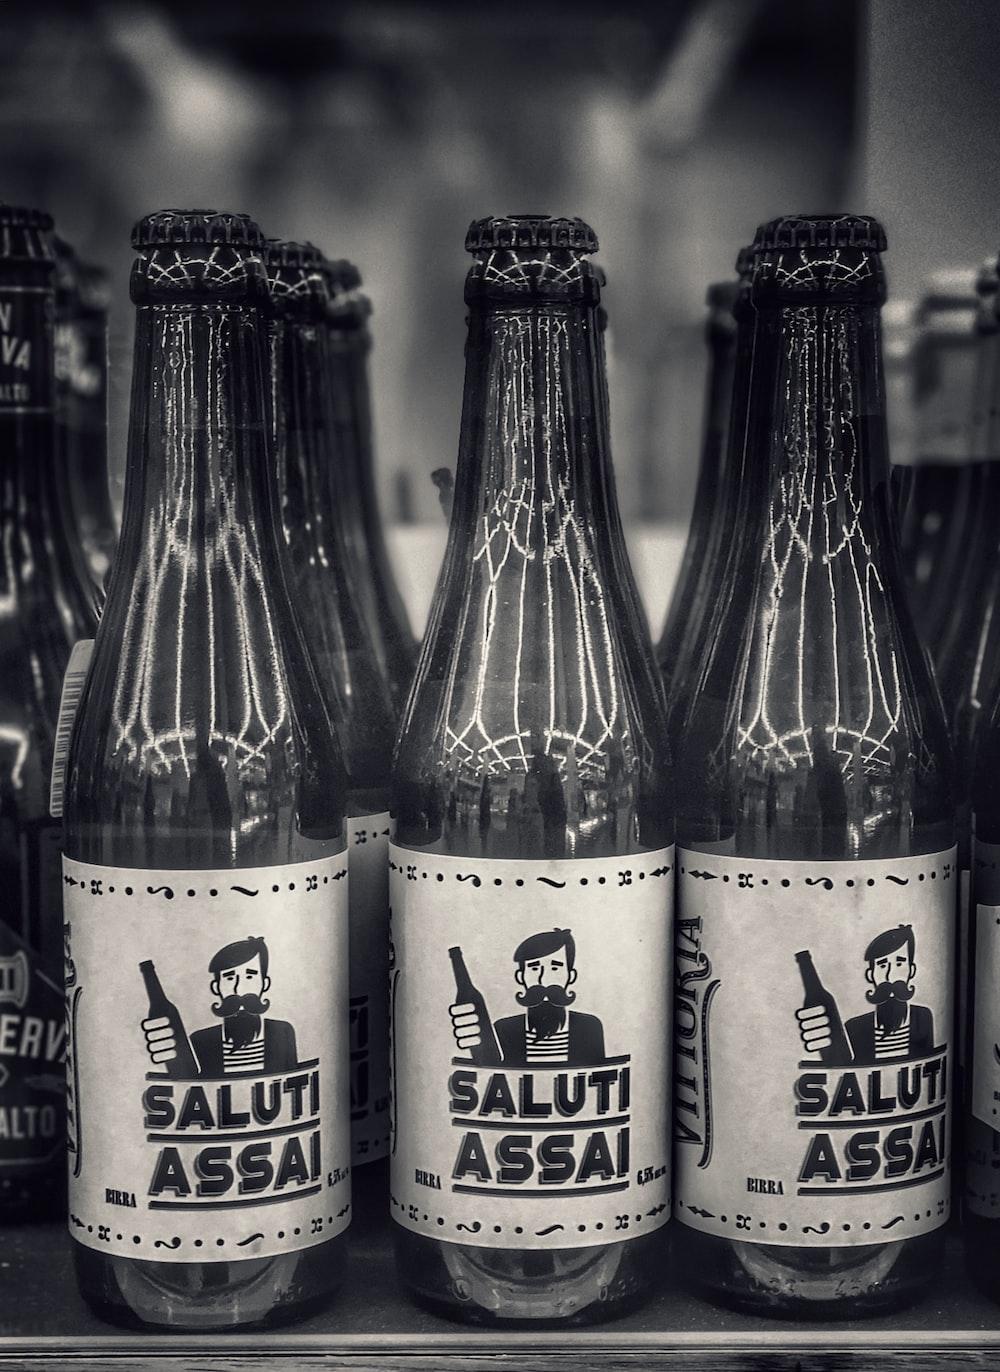 Saluti Assai bottles